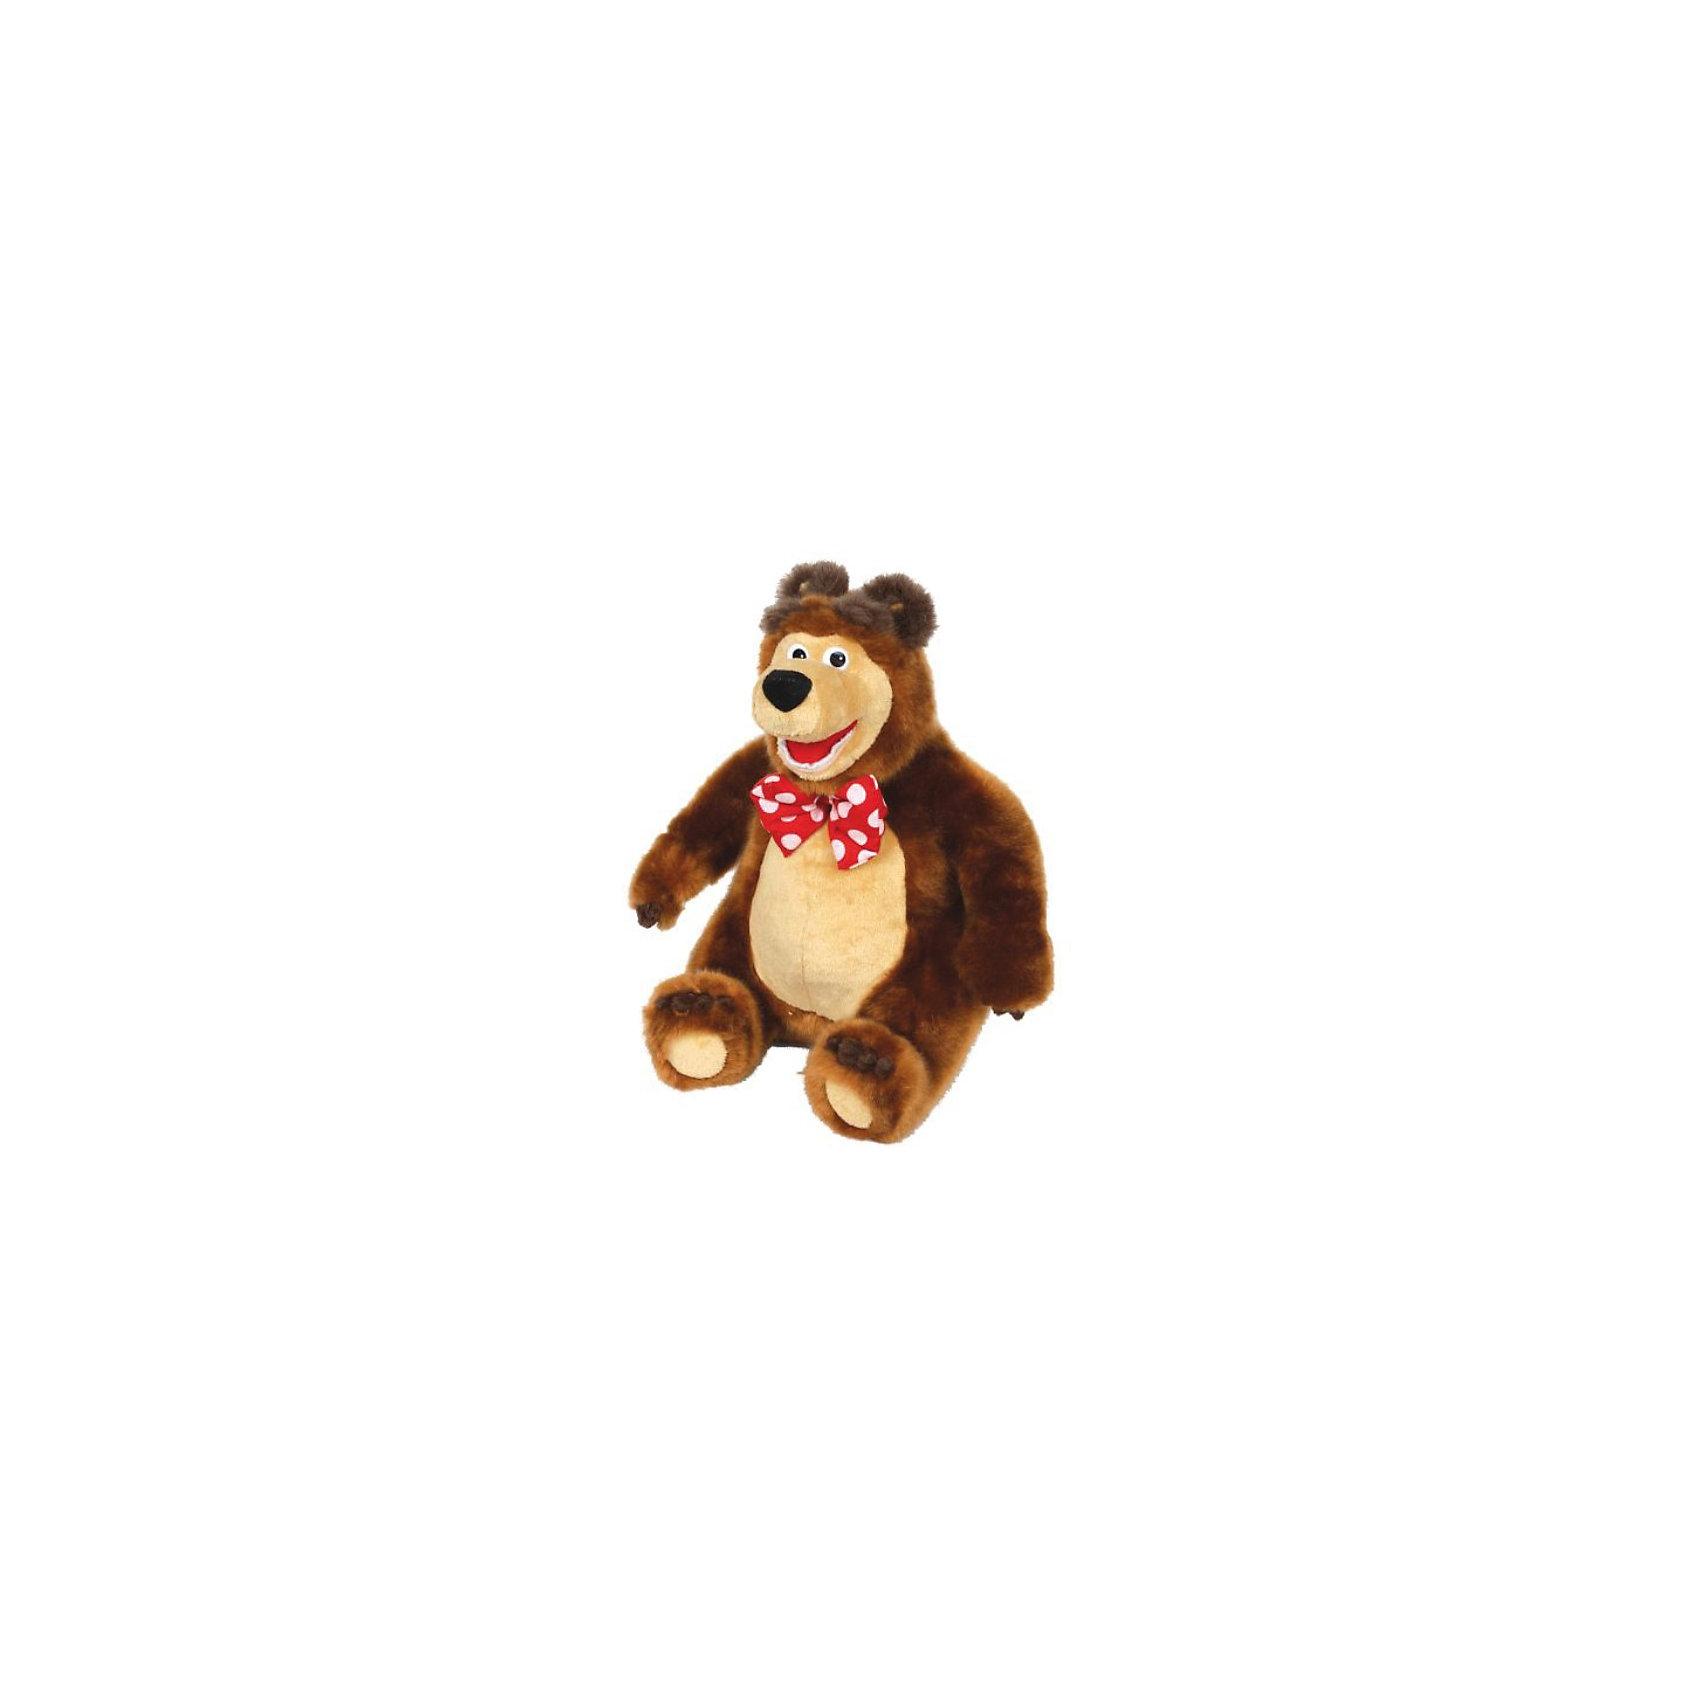 МУЛЬТИ-ПУЛЬТИ Мягкая игрушка  Мишка, 28 см., Маша и Медведь, МУЛЬТИ-ПУЛЬТИ мульти пульти мягкая игрушка маша 30 см со звуком маша и медведь мульти пульти